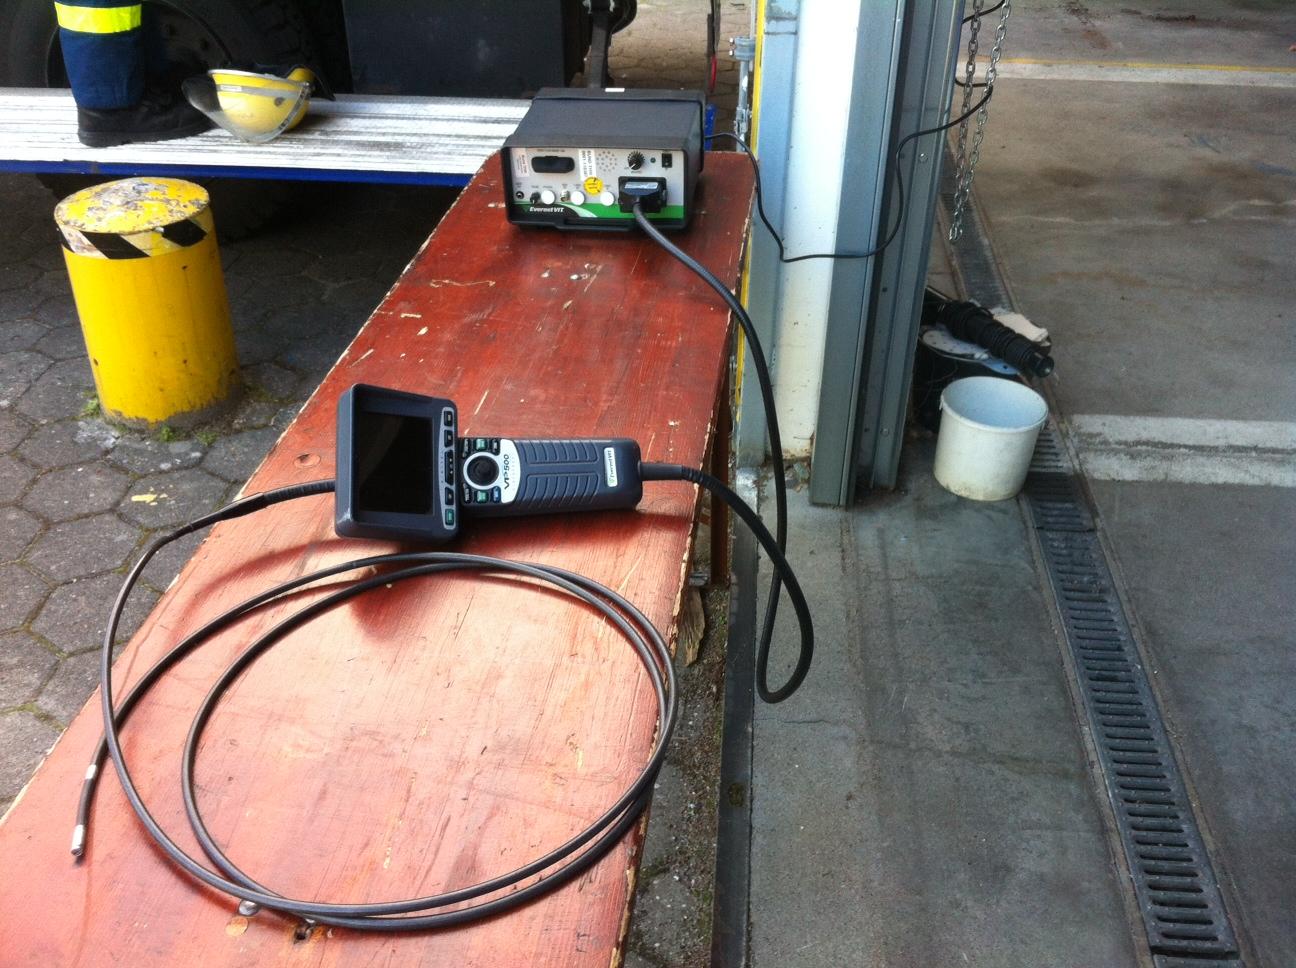 Video-Endoskop.